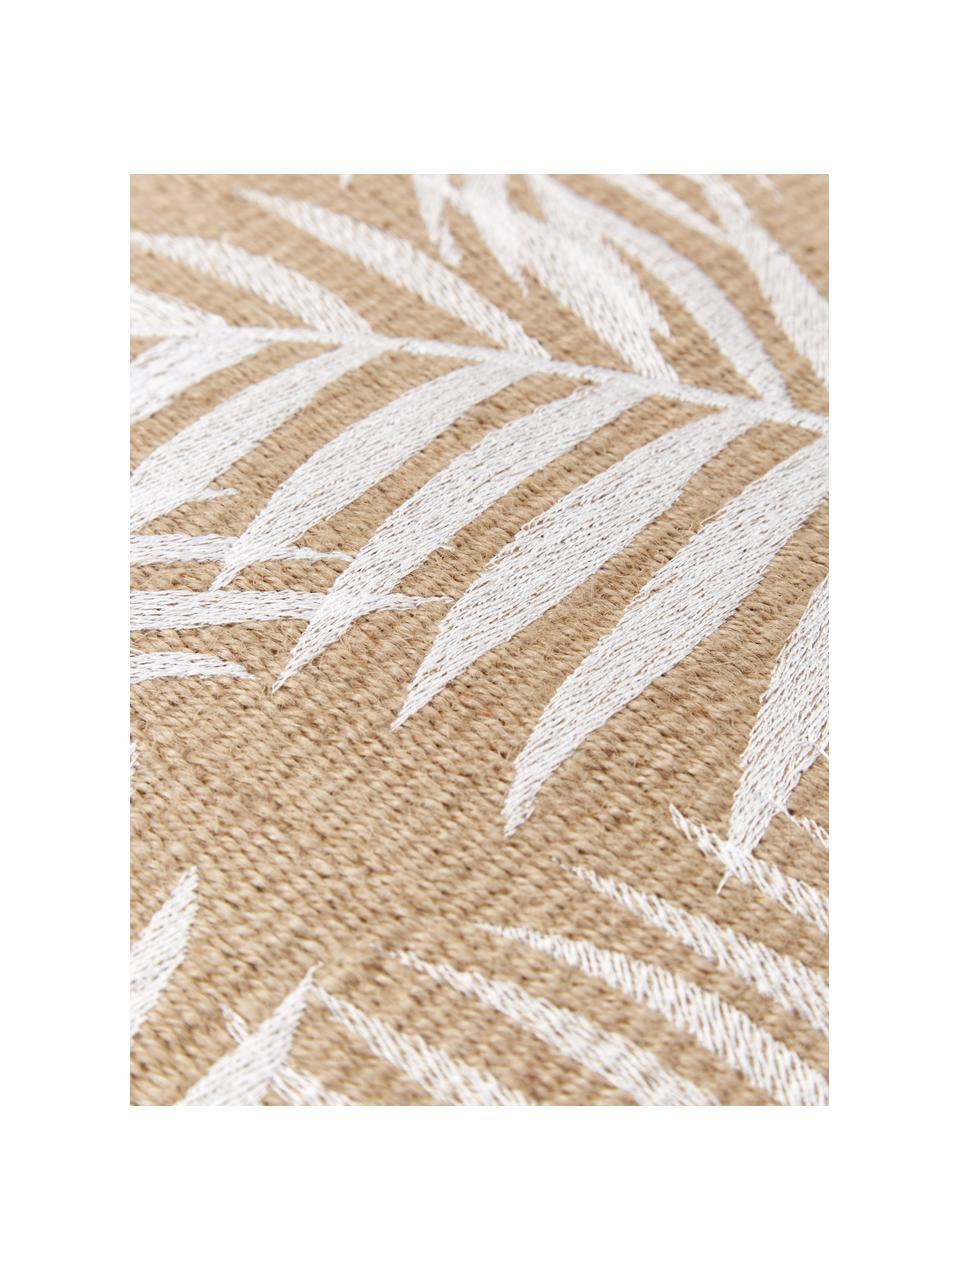 Federa arredo in juta con motivo tropicale Danielle, Retro: 100% cotone, Beige, bianco, Larg. 40 x Lung. 40 cm